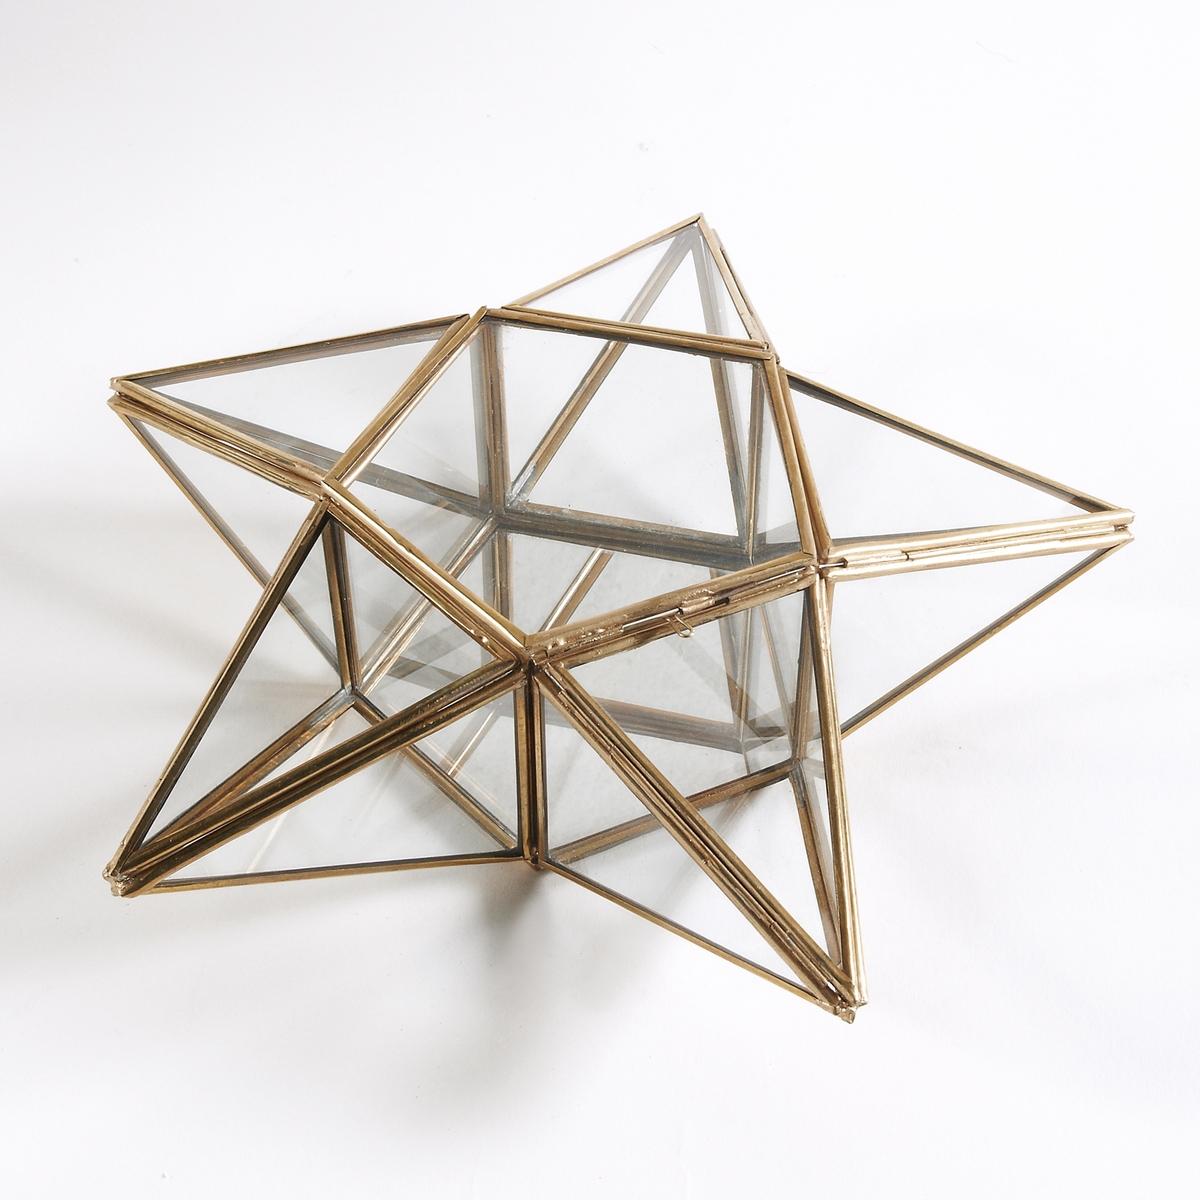 Коробка для украшений в форме звезды из стекла и латуни Uyova